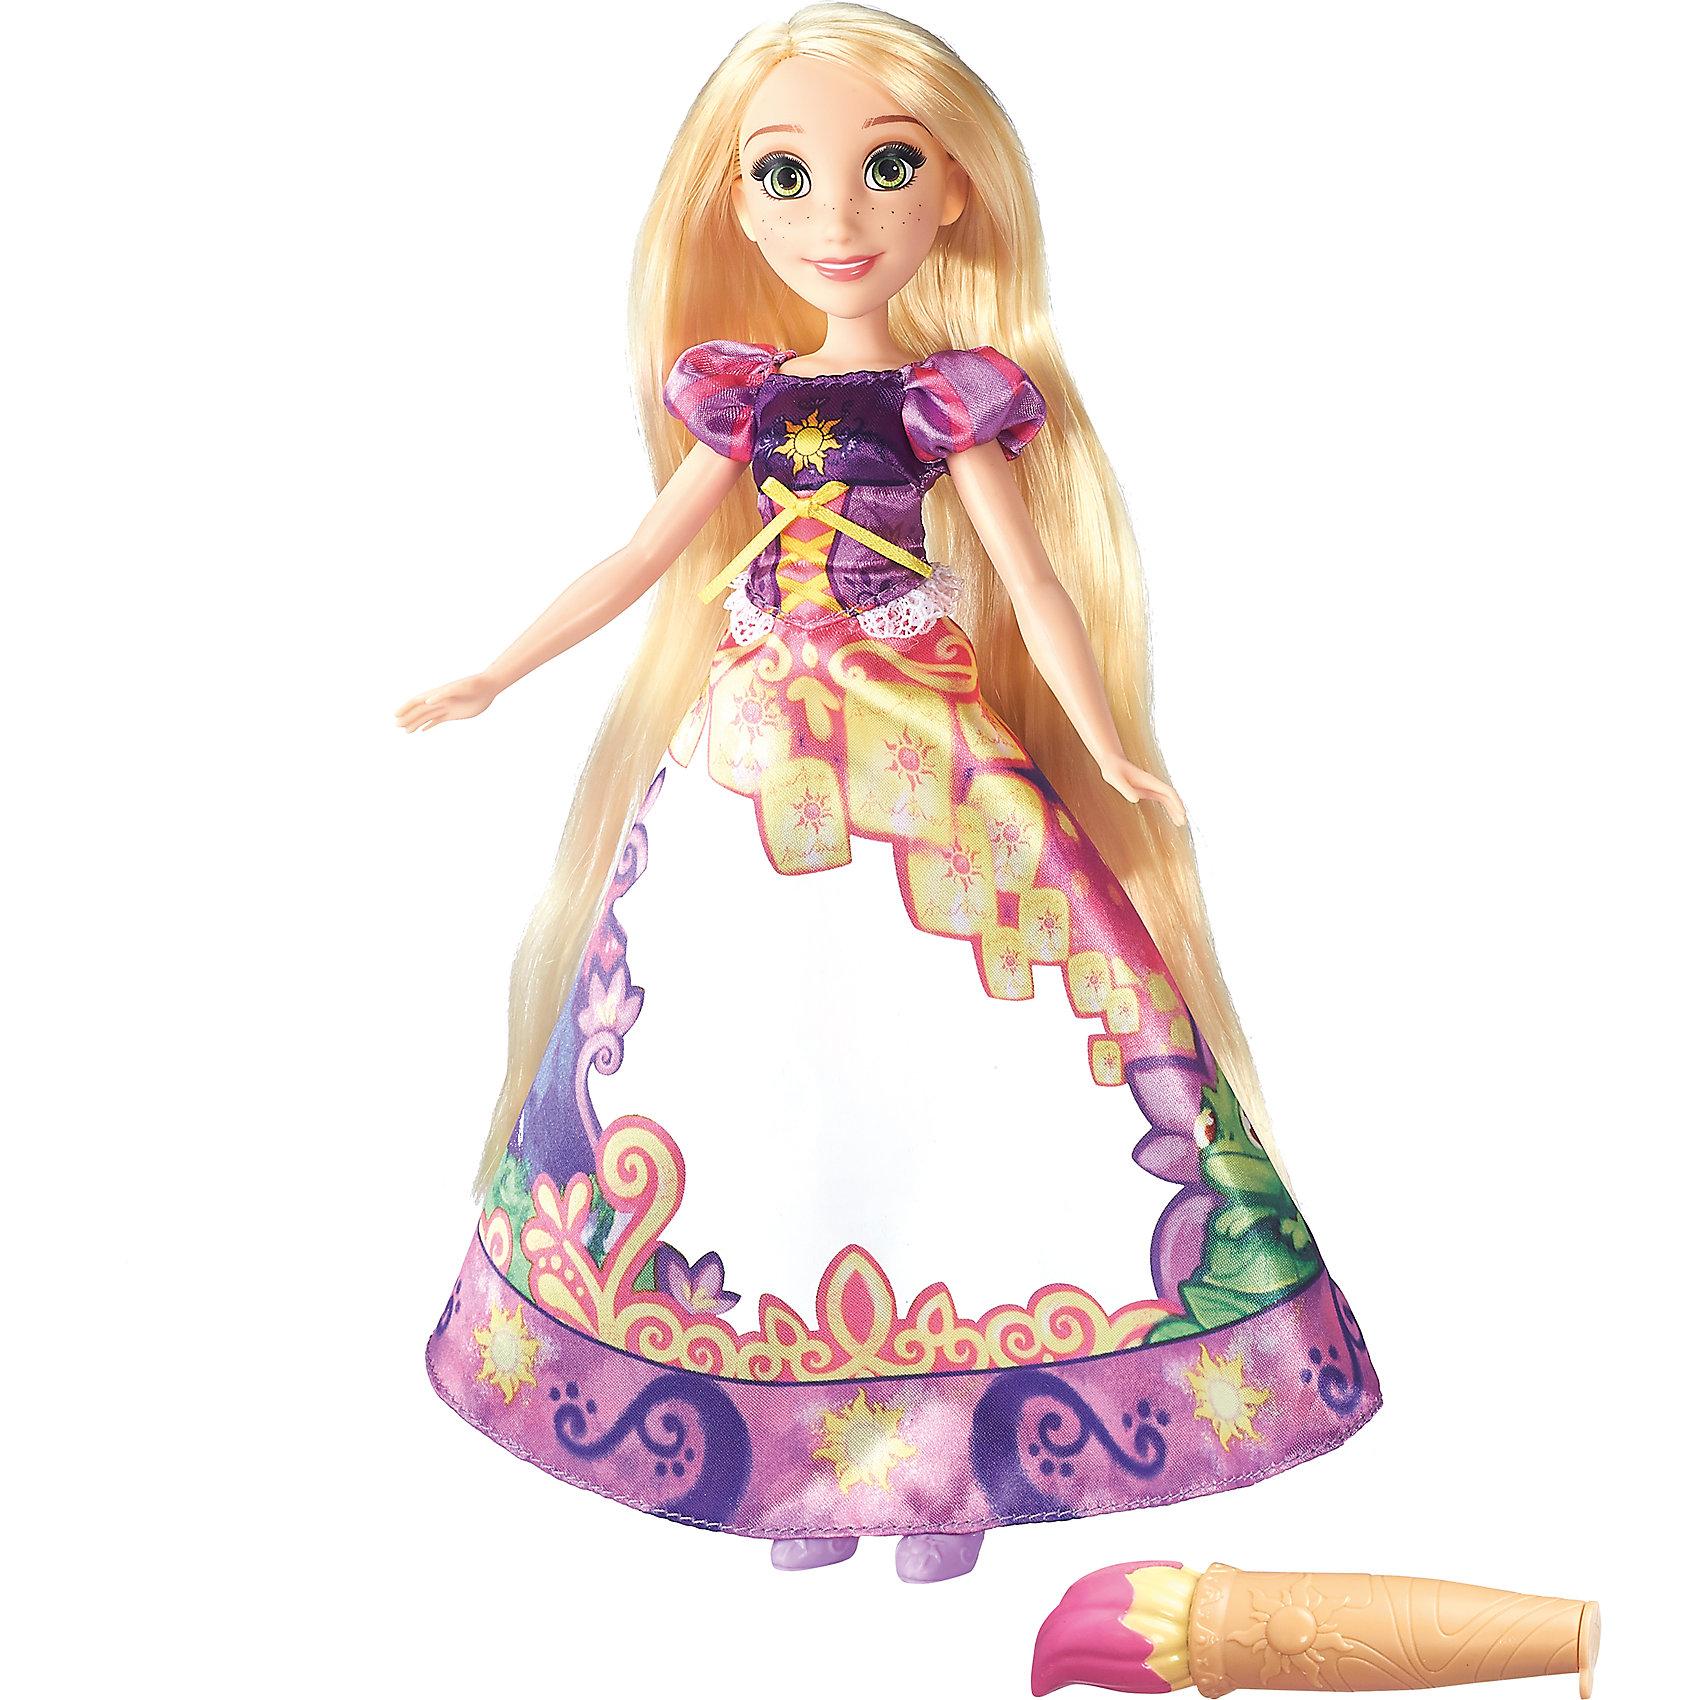 Модная кукла Принцесса в юбке с проявляющимся принтом, Принцессы Дисней, B5295/B5997Модная кукла Принцесса в юбке с проявляющимся принтом, Принцессы Дисней (Disney Princess), B5295/B5997.<br><br>Характеристика:<br><br>• Материал: пластик, текстиль.  <br>• Размер упаковки: 20,3x6,4x32,4 см.<br>• Высота куклы: 28 см.<br>• Голова, руки, ноги куклы подвижные. <br>• В комплекте: кукла в одежде, емкость для воды, туфельки. <br>• Волшебной платье - при попадании воды появляется красивый узор (исчезает при высыхании ткани). <br><br>Очаровательные Disney Princess не оставят равнодушной ни одну девочку! Кукла одета в прекрасное бальное платье с волшебной юбкой - как только вода попадет на нее, на ткани появится рисунок, изображающий эпизод сказочной истории принцессы. После того, как юбка полностью высохнет, рисунок на ней пропадет. В комплекте есть небольшая емкость для воды и очаровательные маленькие туфельки. Волосы куклы мягкие и послушные из них получится множество сказочных причесок.<br><br>Модную куклу Принцесса в юбке с проявляющимся принтом, Принцессы Дисней (Disney Princess), B5295/B5997, можно купить в нашем интернет-магазине.<br><br>Ширина мм: 64<br>Глубина мм: 203<br>Высота мм: 324<br>Вес г: 301<br>Возраст от месяцев: 36<br>Возраст до месяцев: 144<br>Пол: Женский<br>Возраст: Детский<br>SKU: 5352848